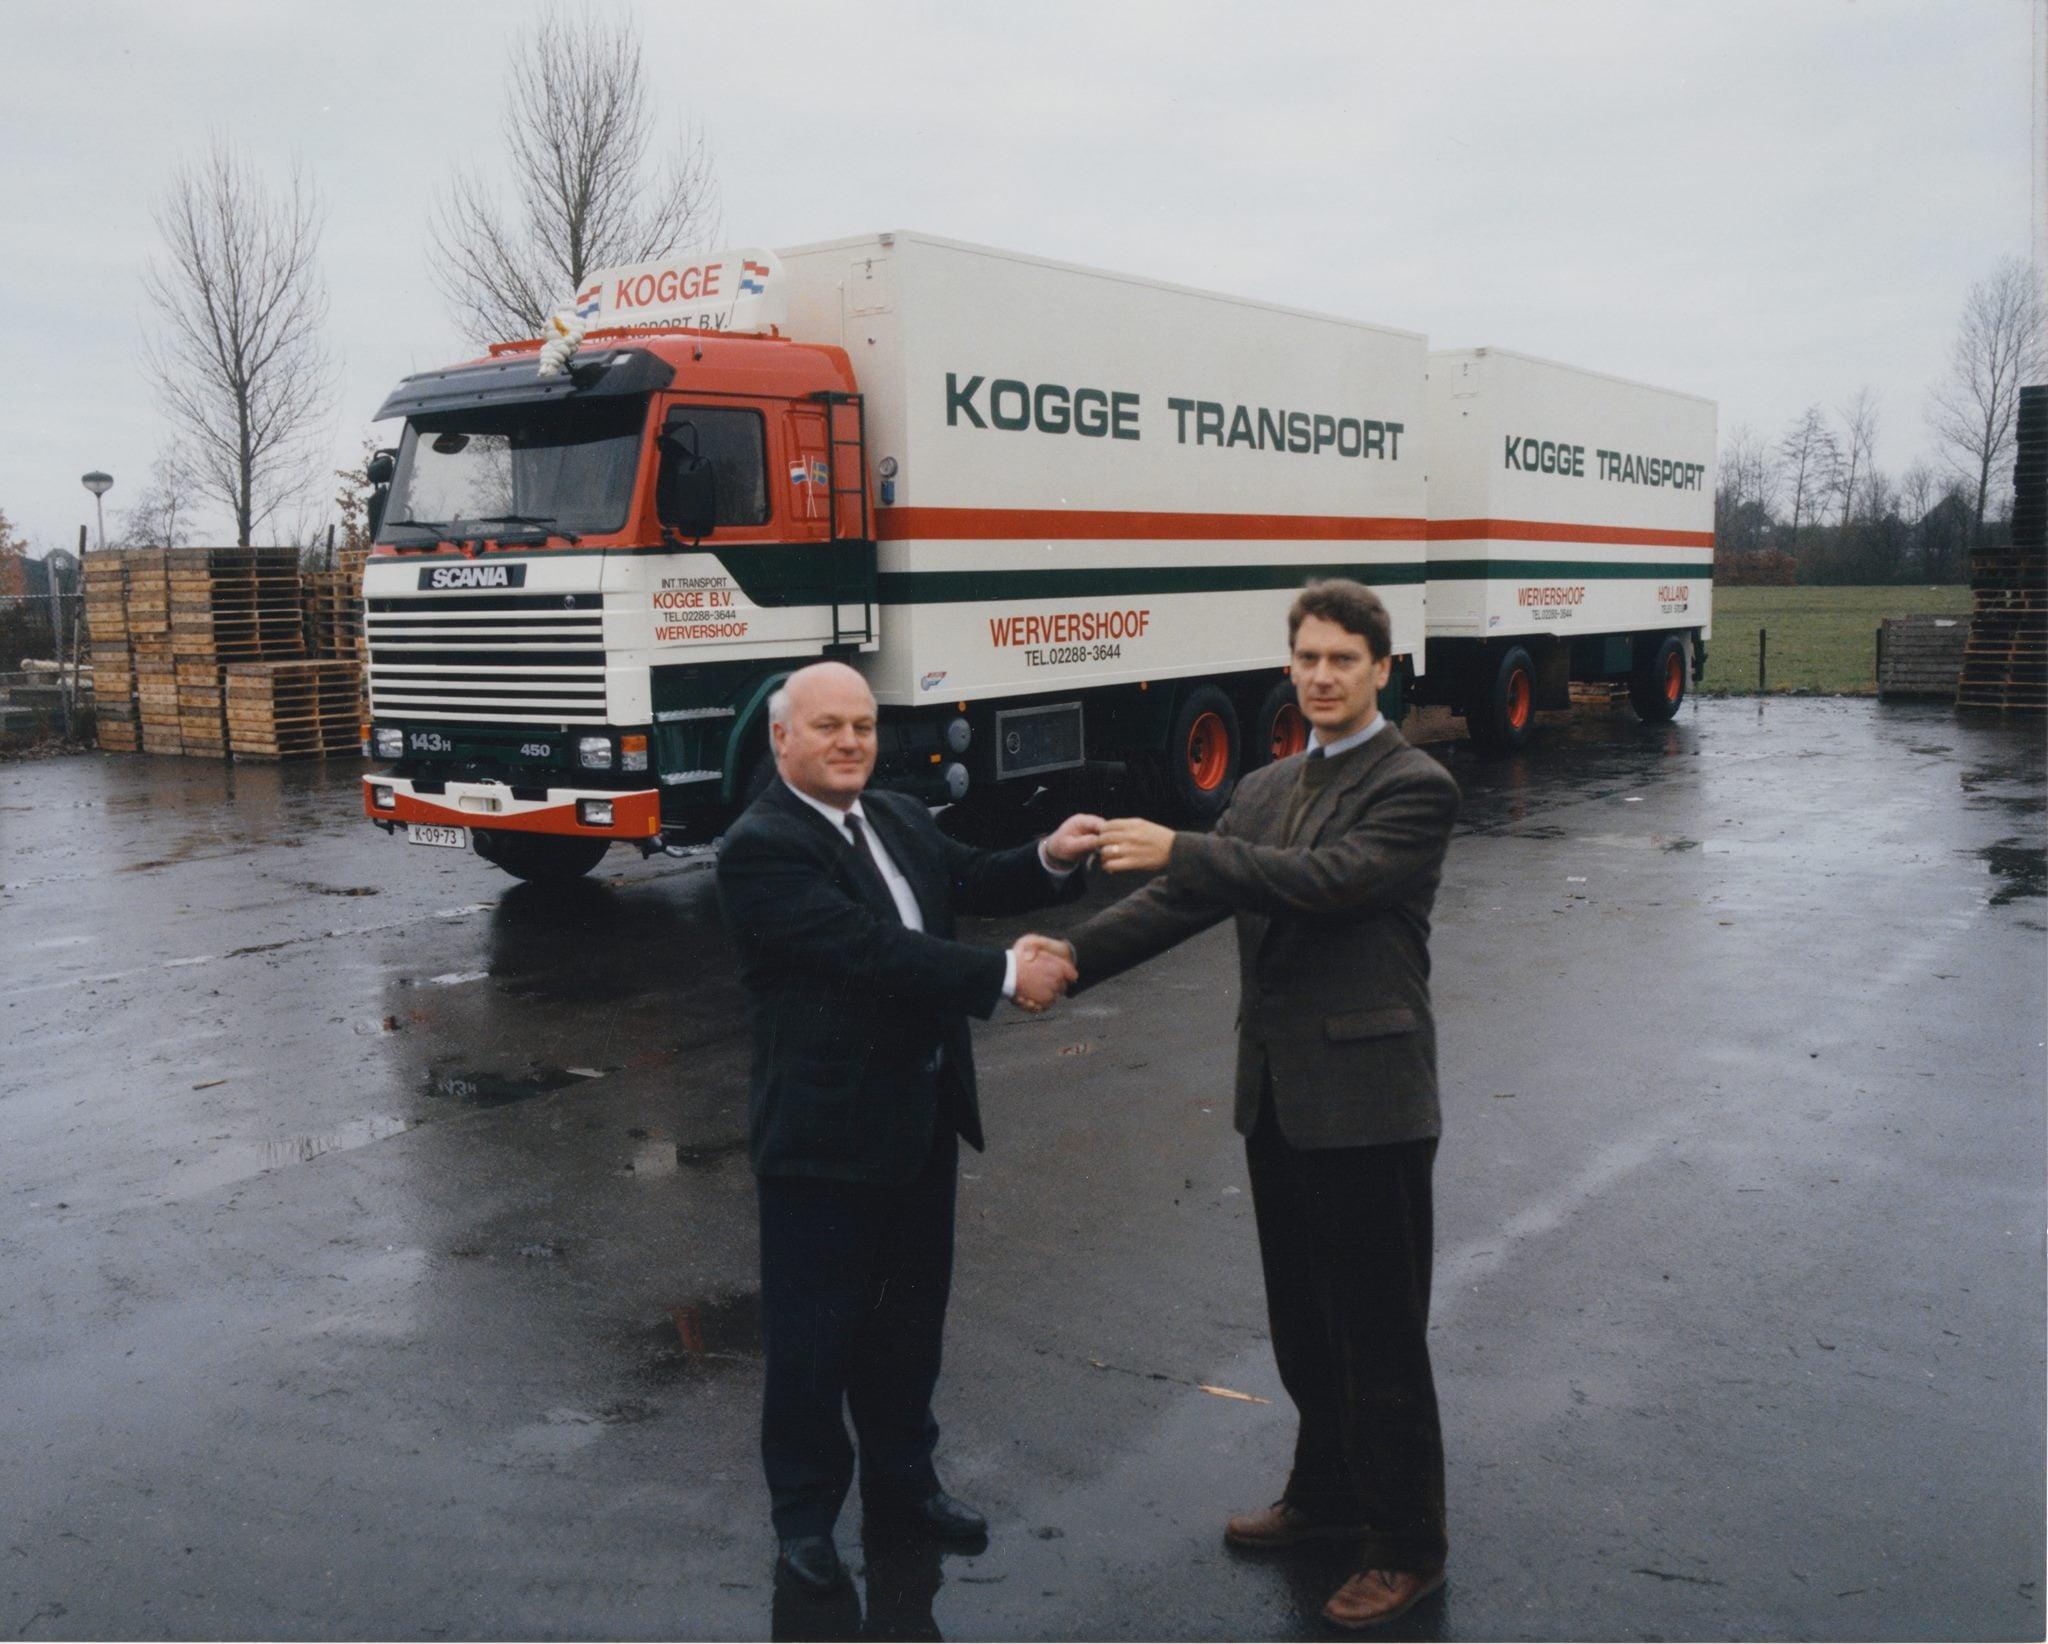 Overhandiging-van-de-sleutels-van-de-50e-Scania-voor-Kogge-Transport---een-Scania-143-450-Chauffeurs-Gerard-Kollis-en-Piet-Oud